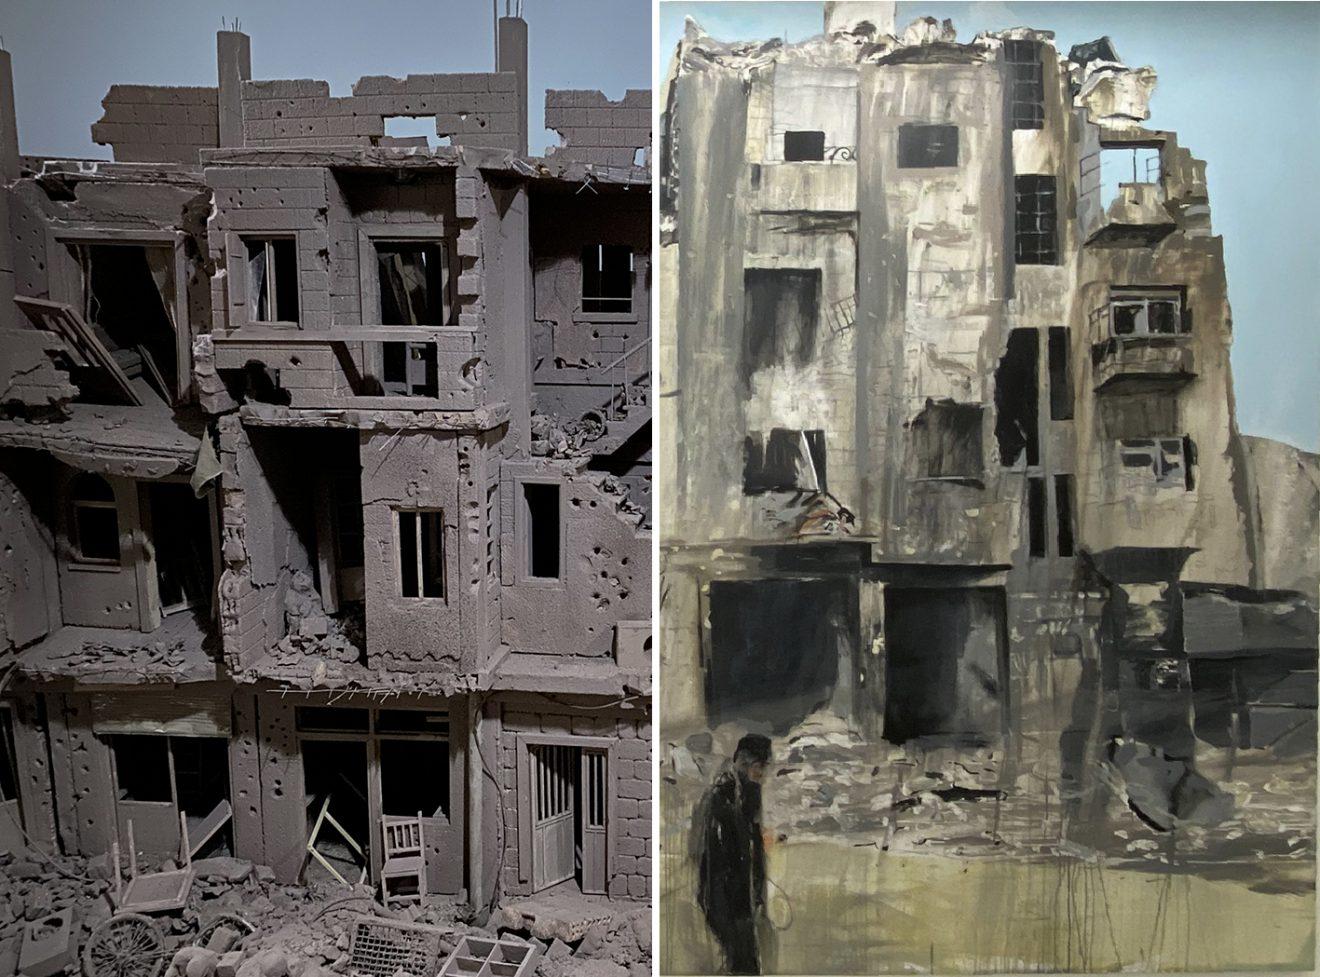 Les murs dévastés : selon Khaled Dawwa et Brian Maguire